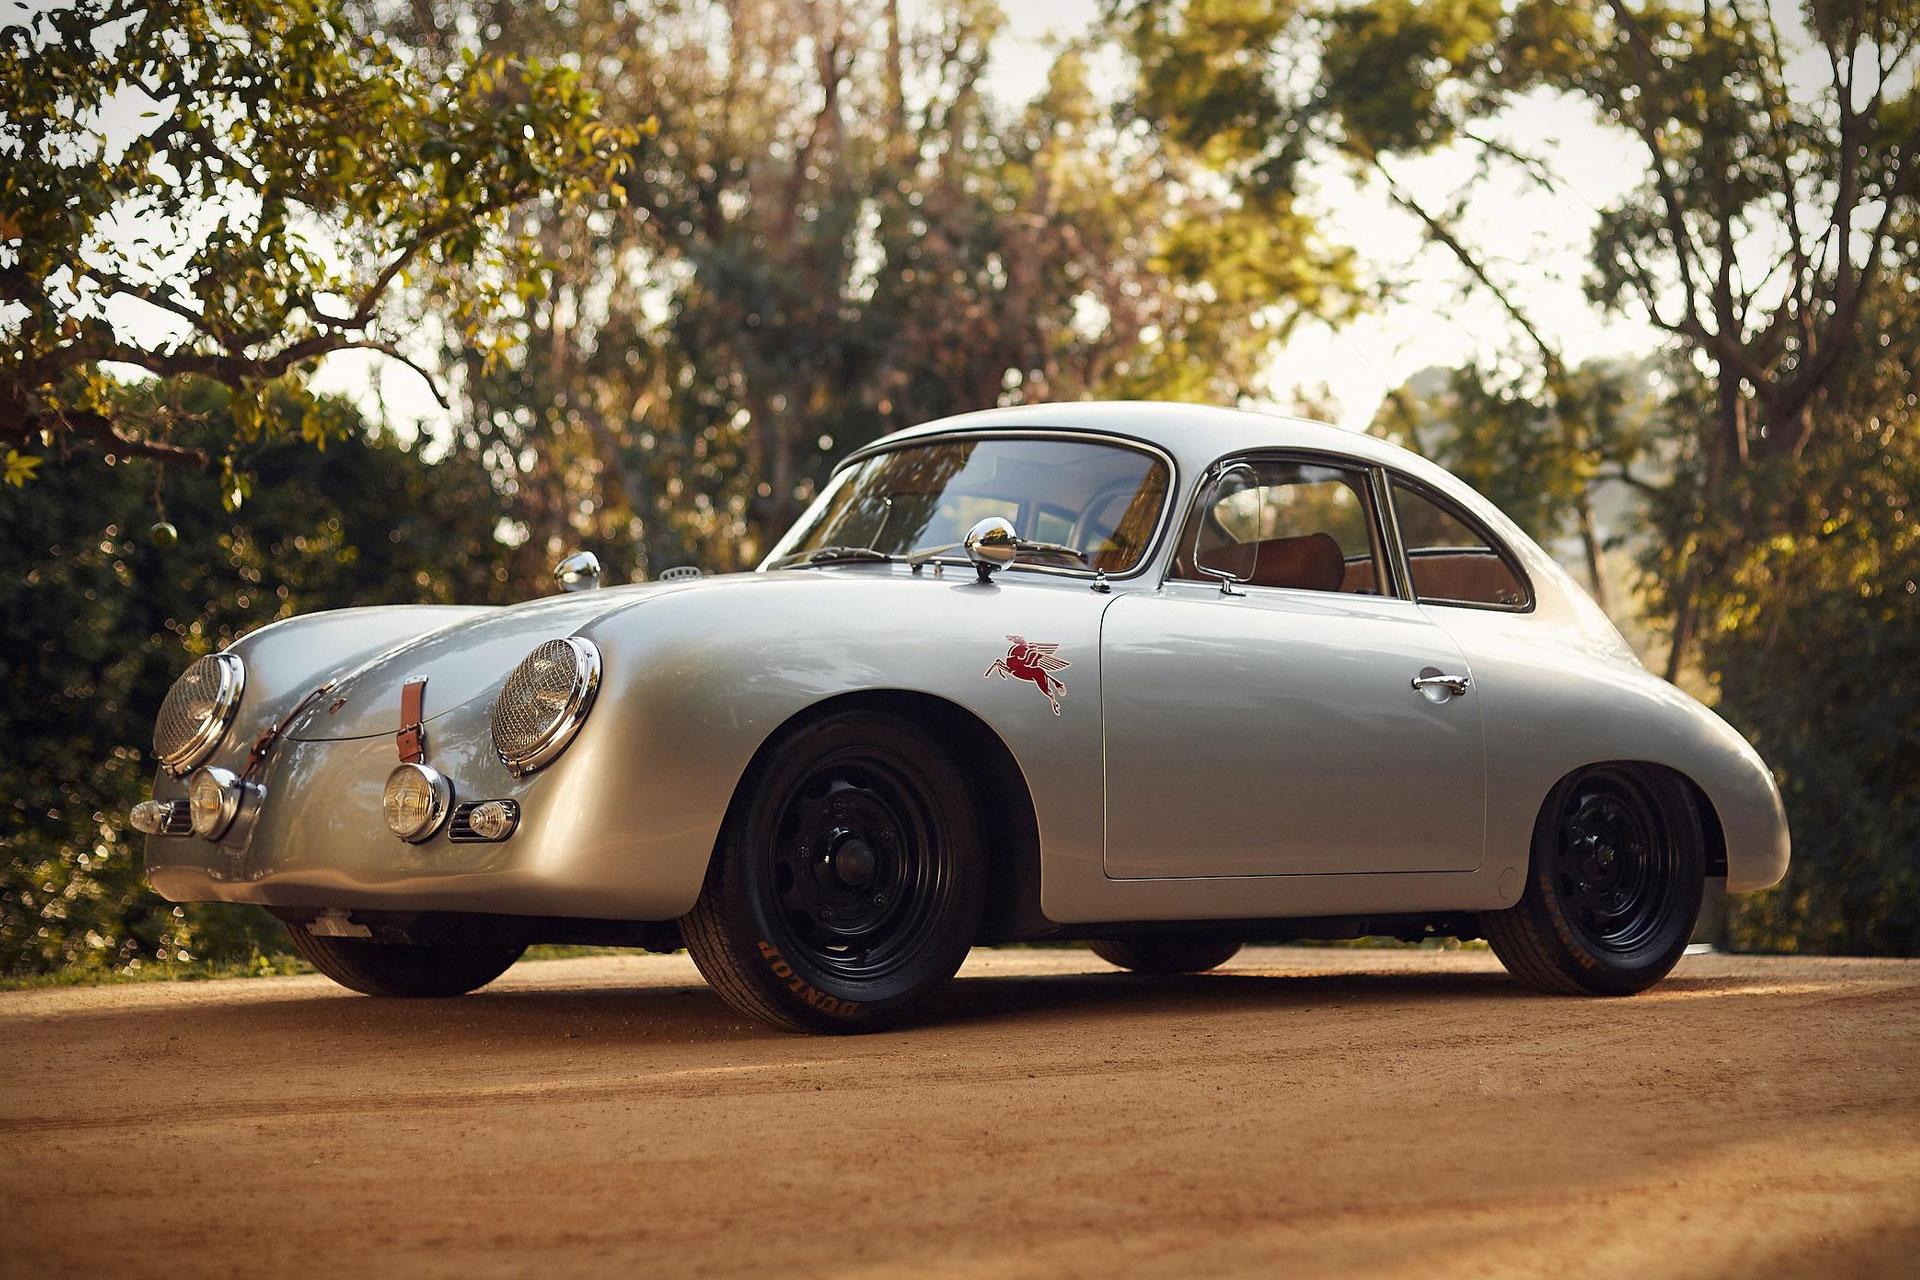 Emory 1959 Porsche 356A Coupe